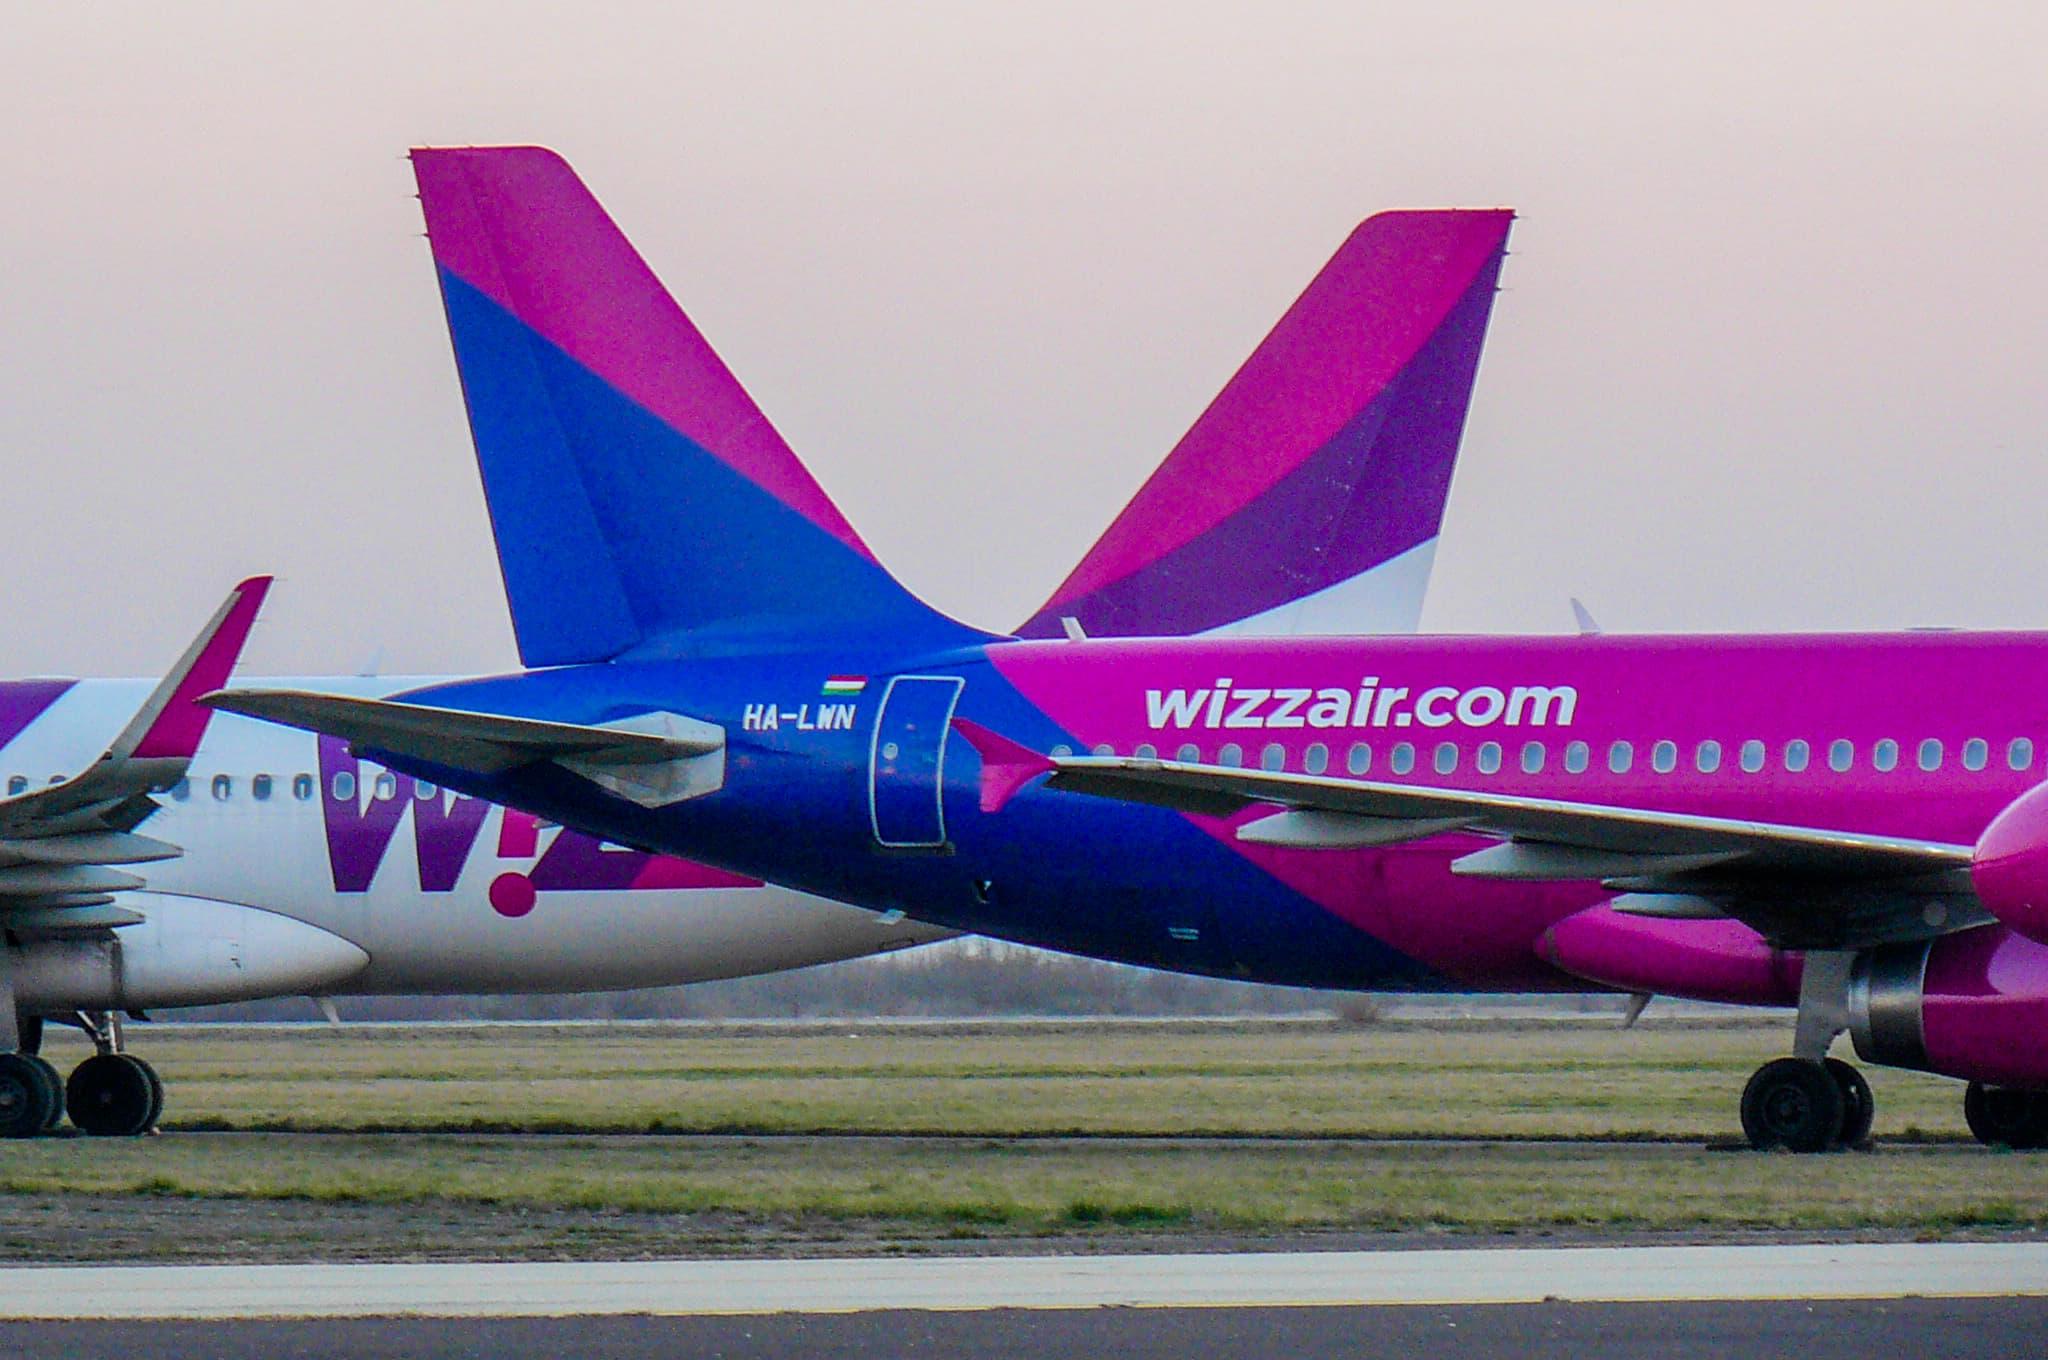 Leállított Wizz-gépek Debrecenben <br>(fotók: Arnóth József)